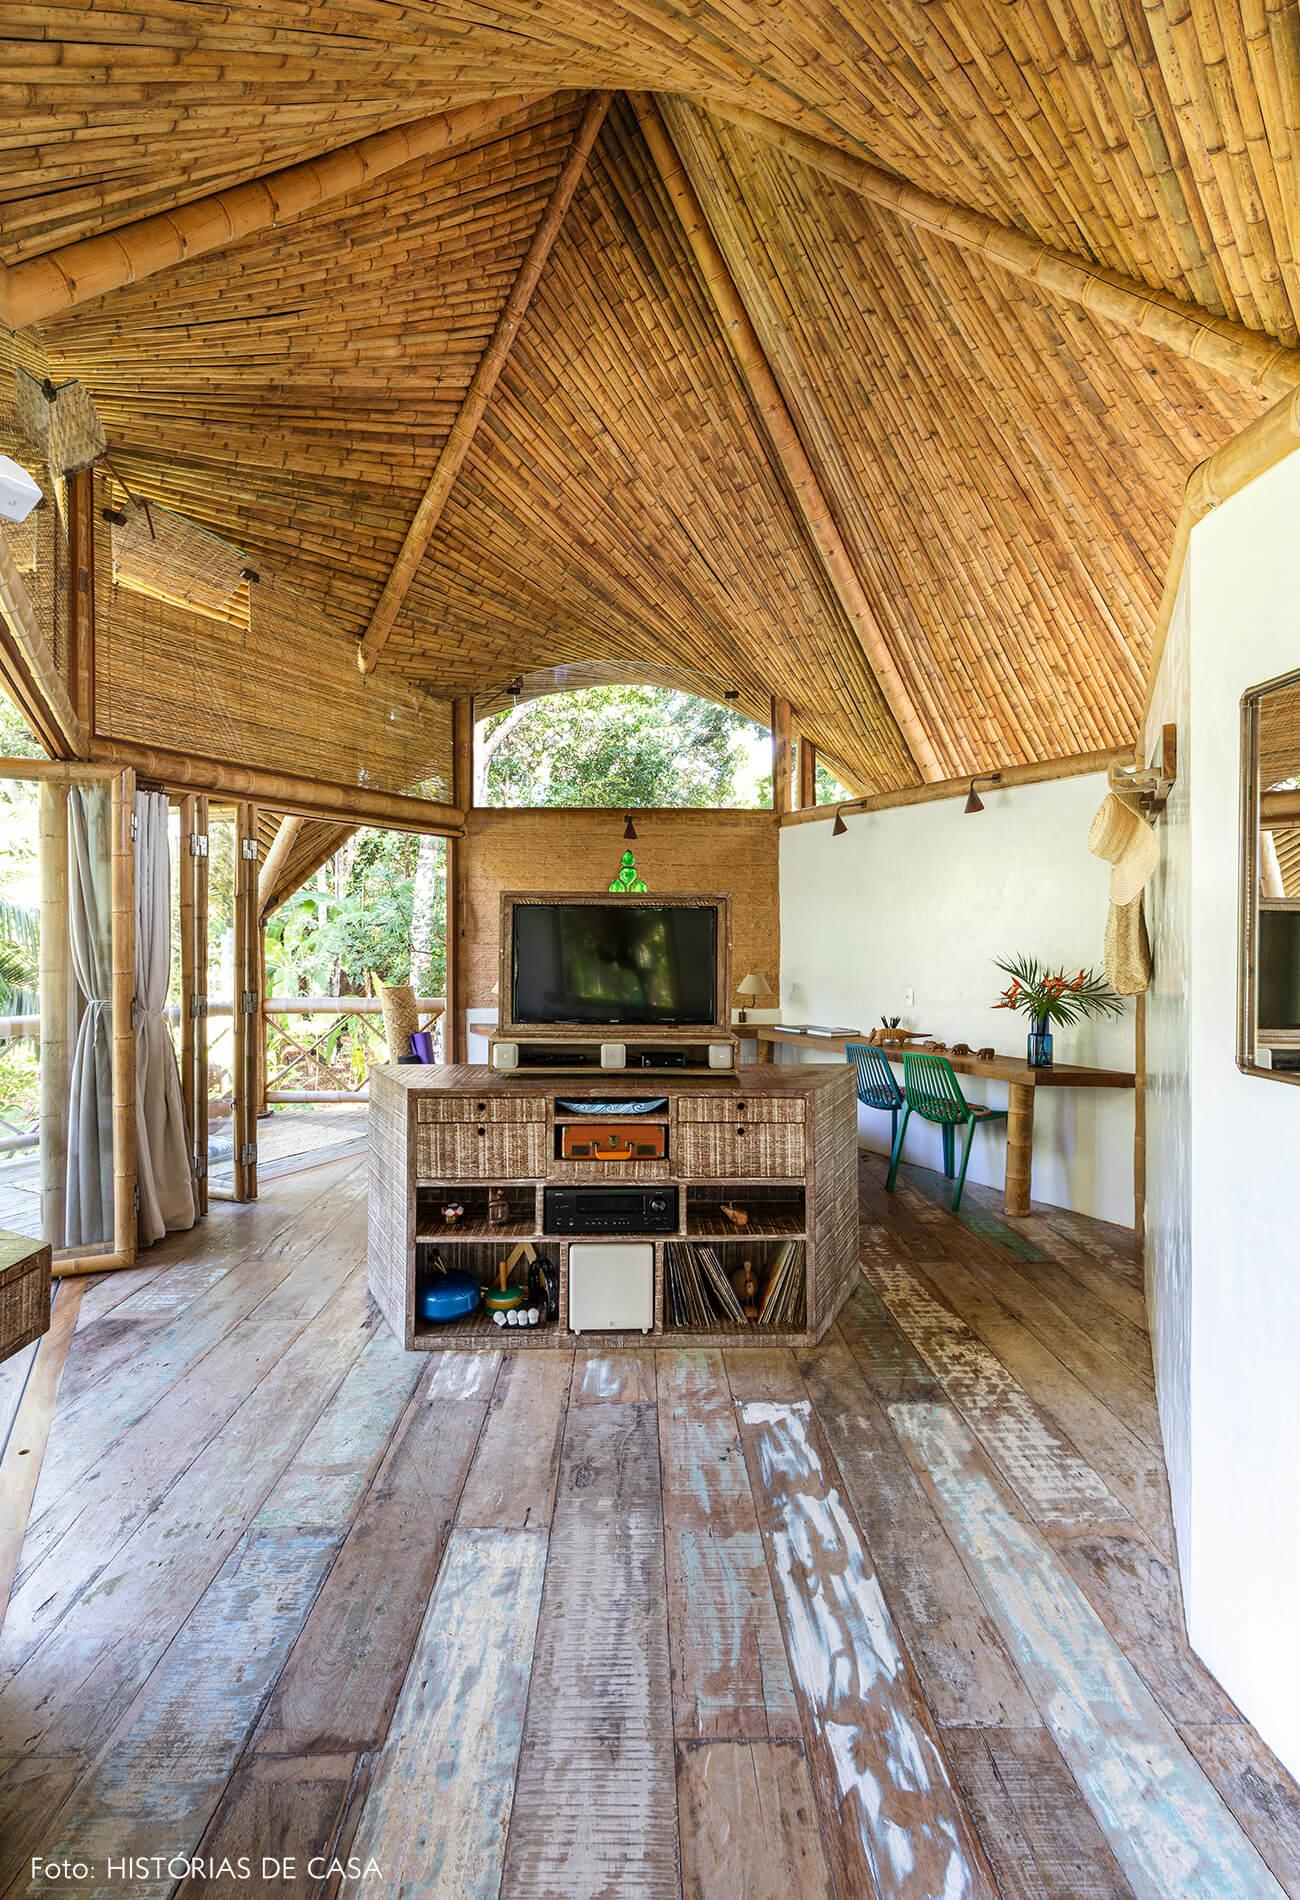 trancoso-vilasete-hotel-decoracao-53-quarto-rack-madeira-teto-bambu-cadeira-azul-verde